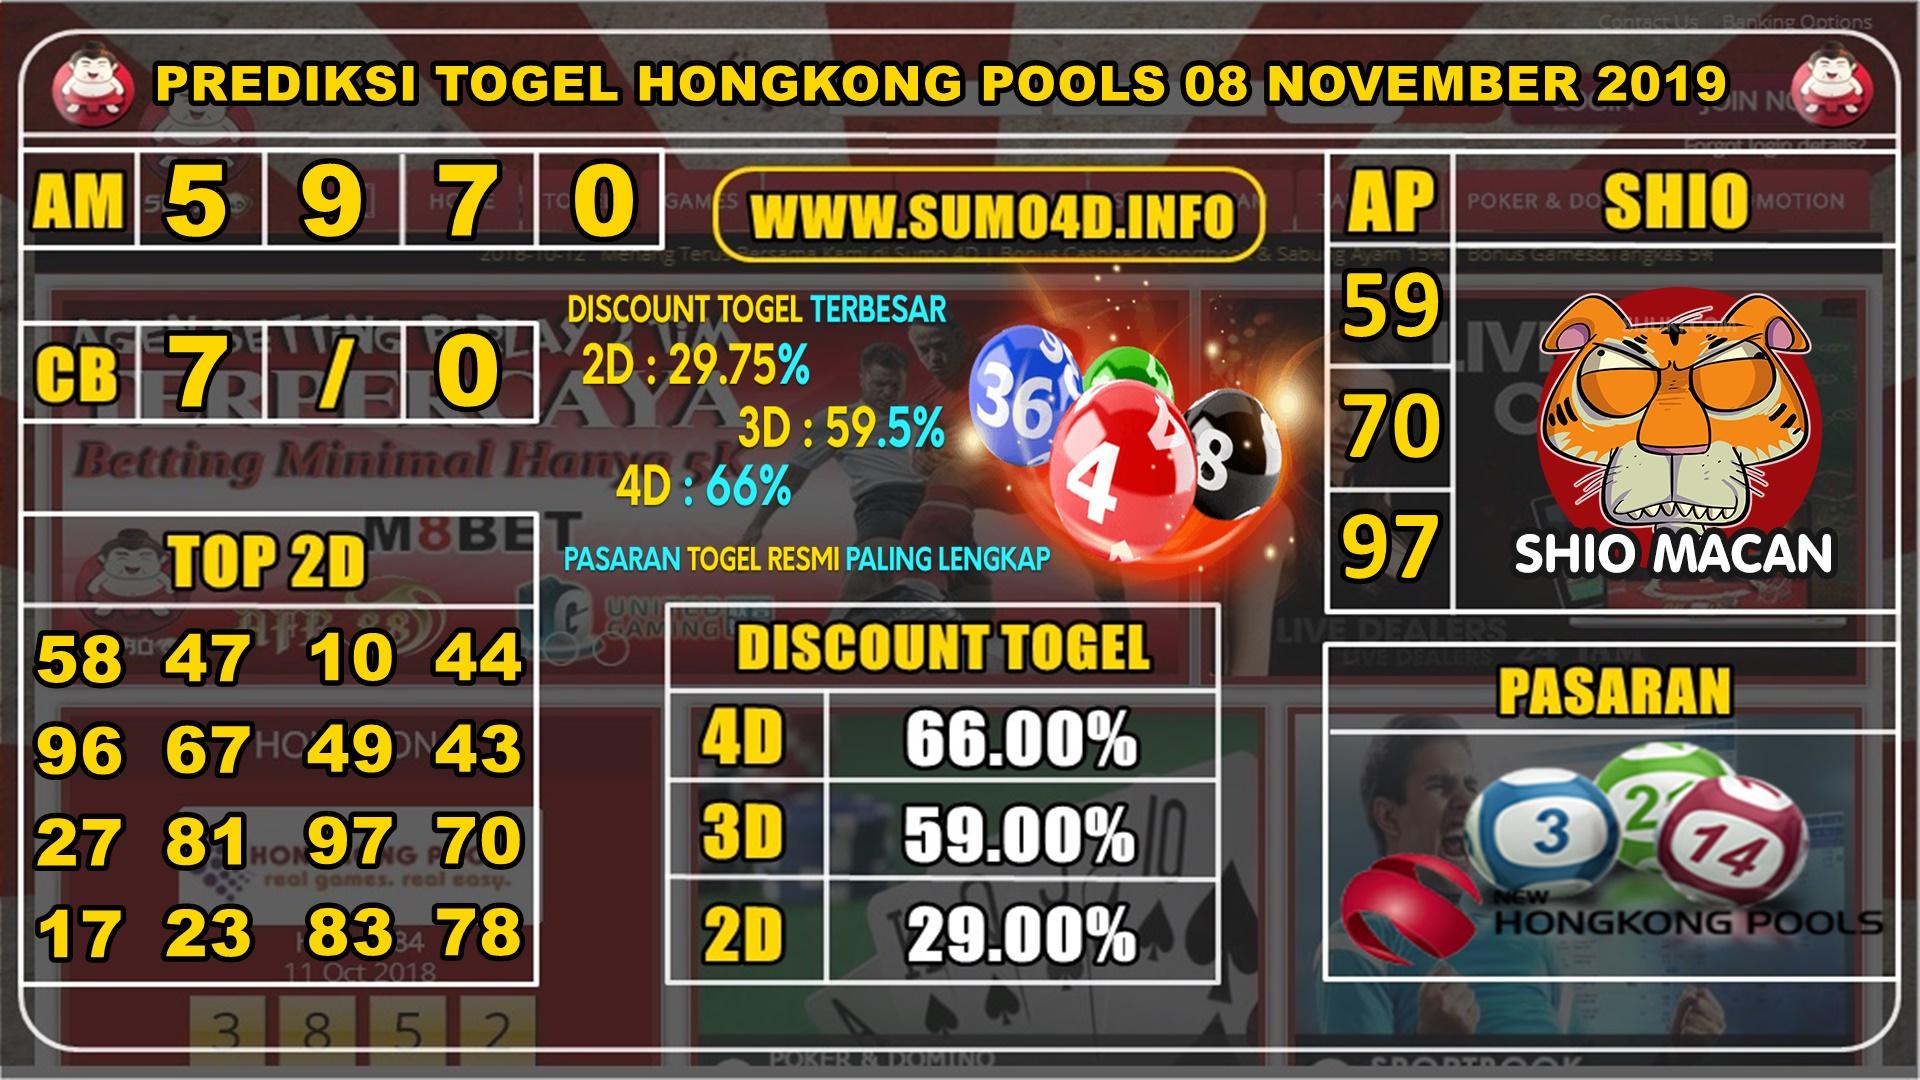 PREDIKSI TOGEL HONGKONG POOLS 08 NOVEMBER 2019